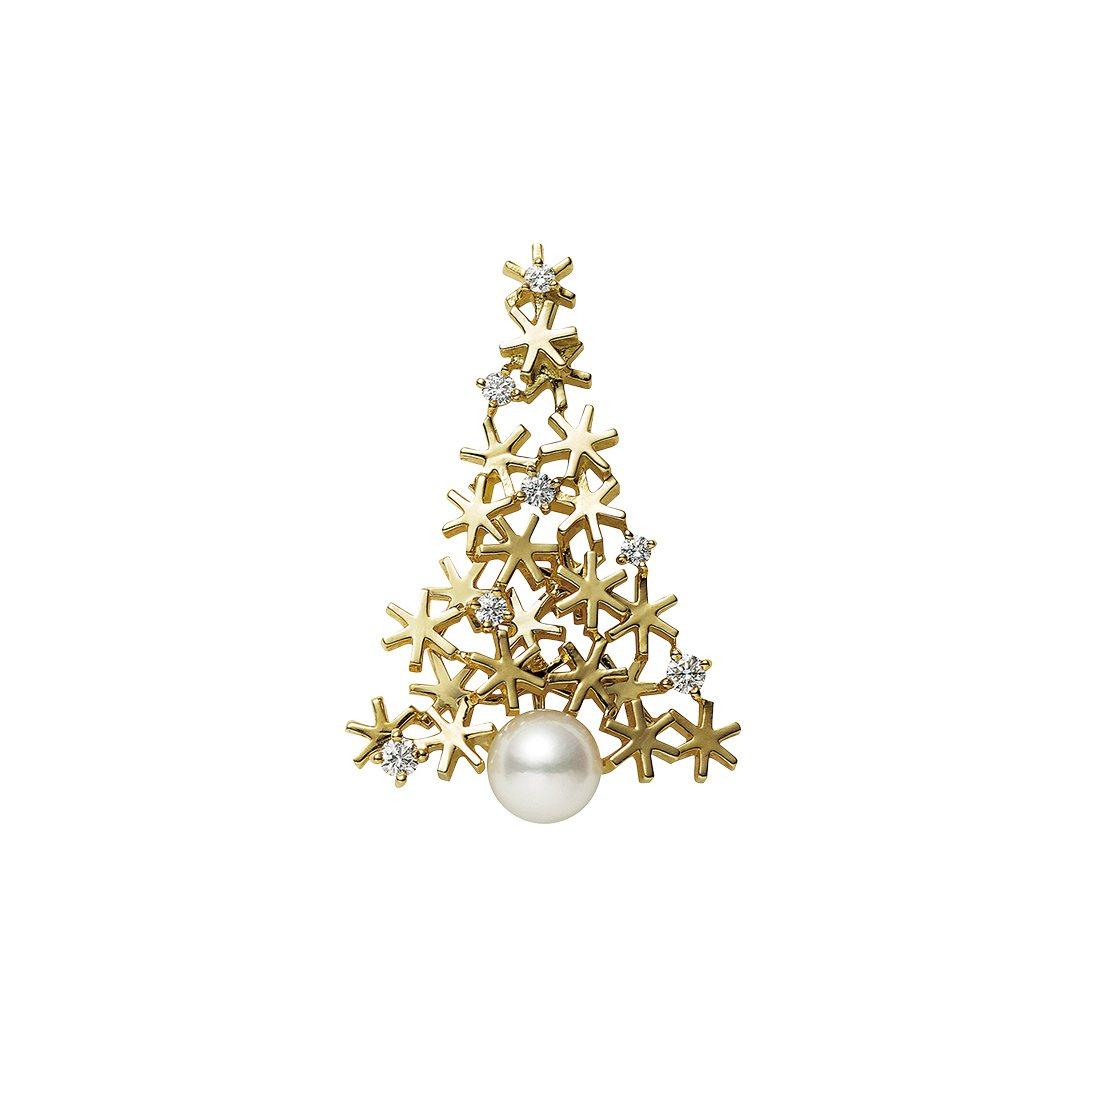 日本Akoya珍珠18K黃金聖誕樹胸針,52,000元。圖/MIKIMOTO提供